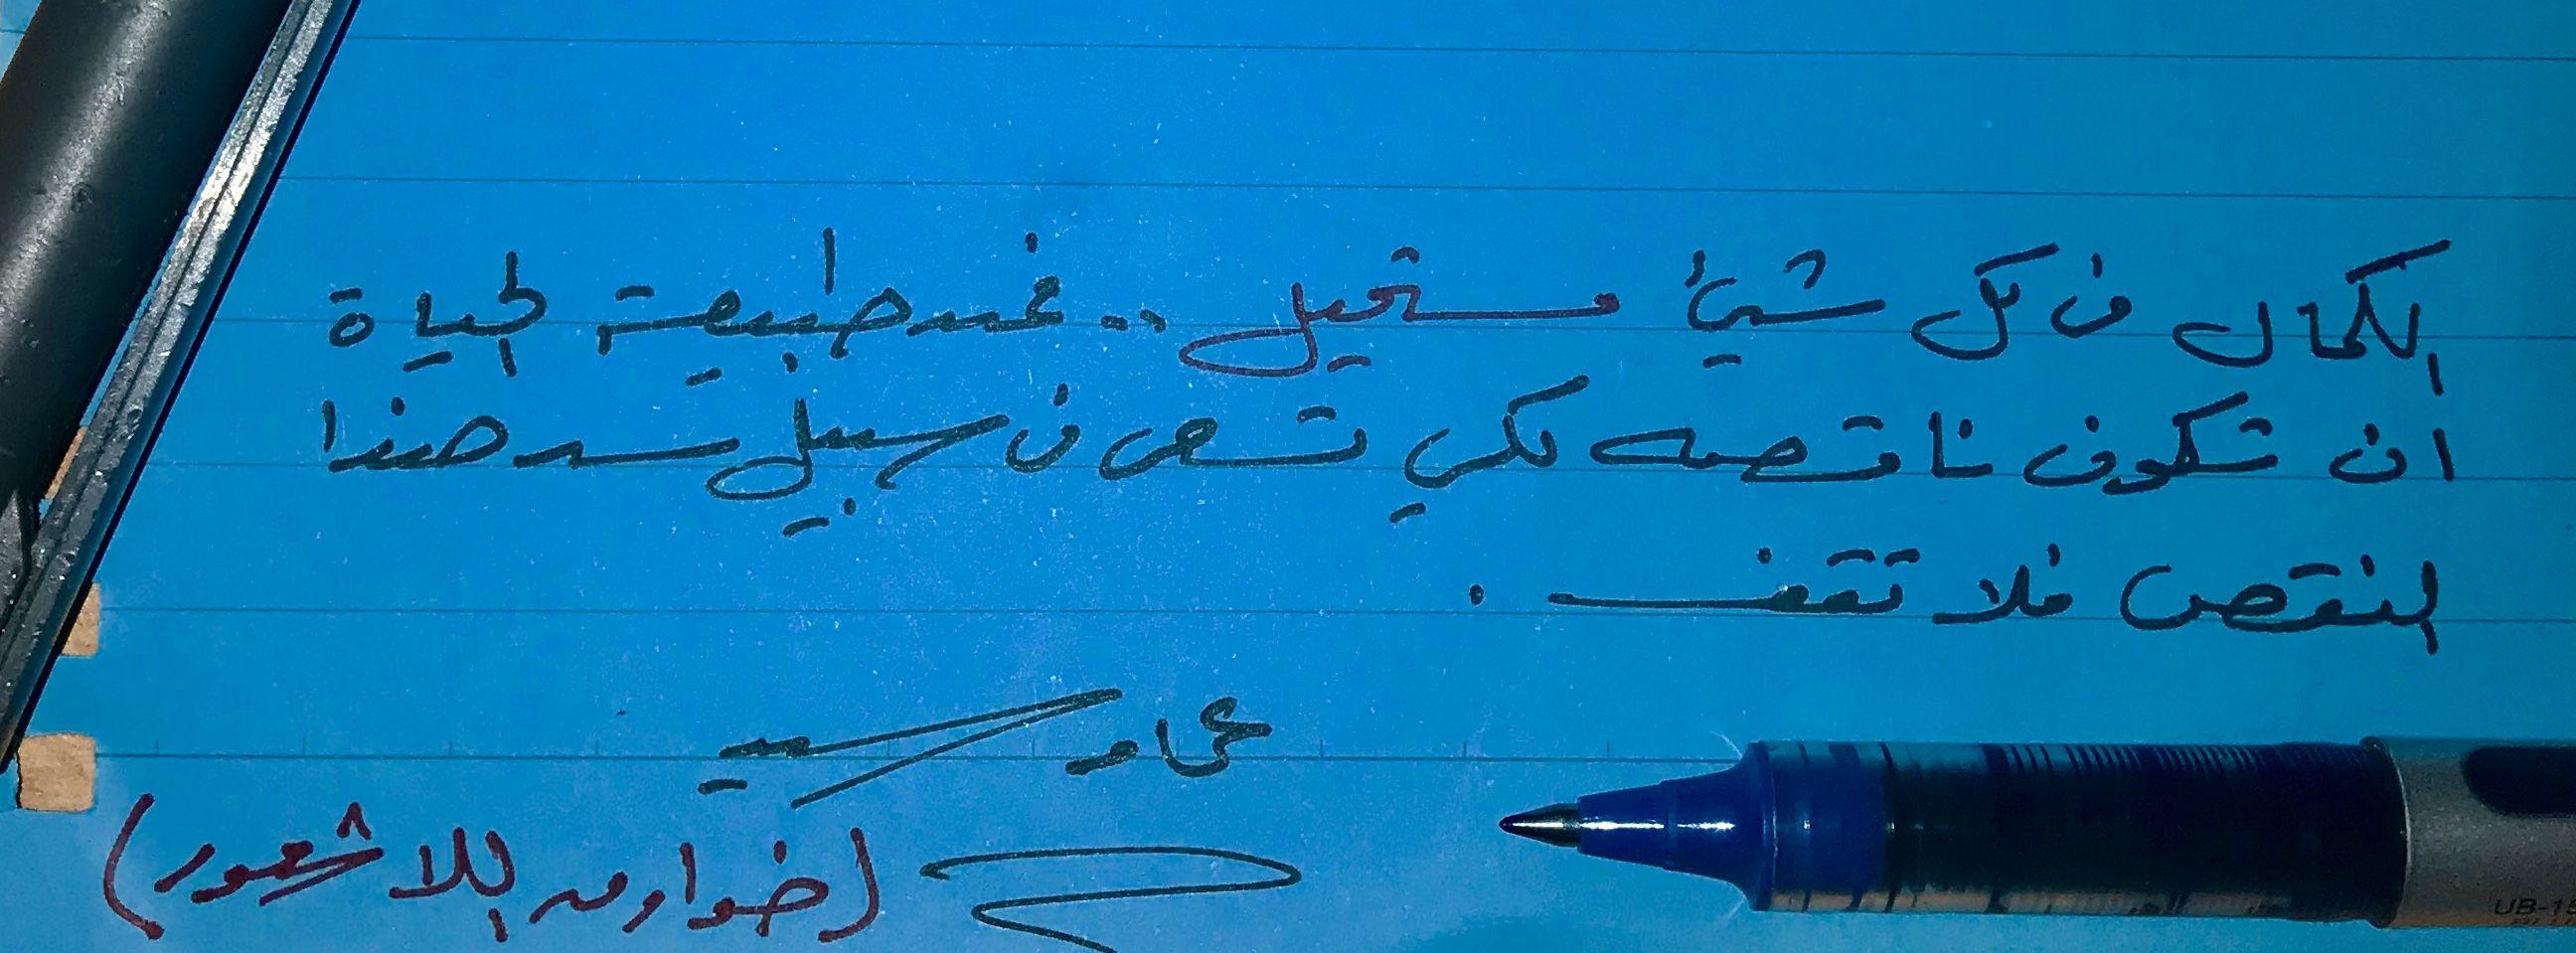 من كتاب خوارق اللاشعور Calligraphy Arabic Calligraphy